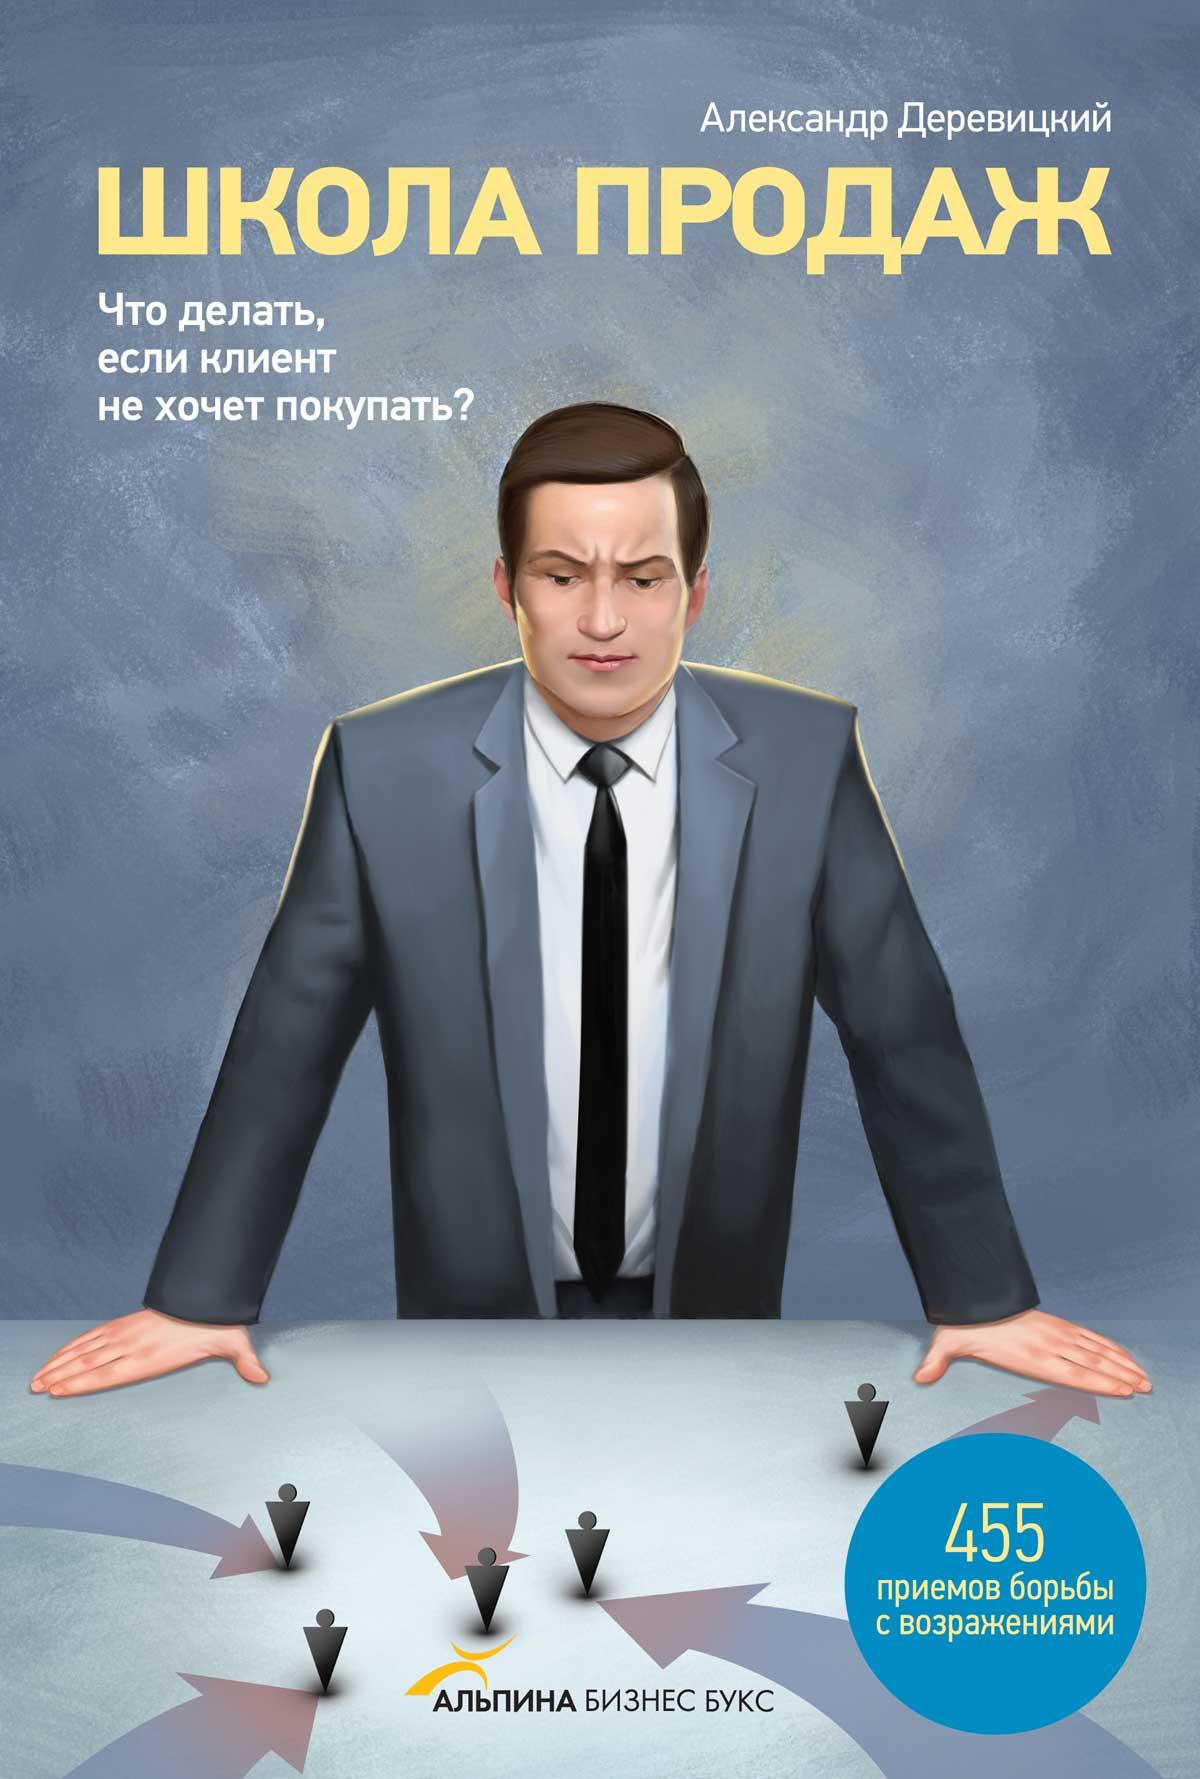 Книга Александра Деревицкого школа продаж